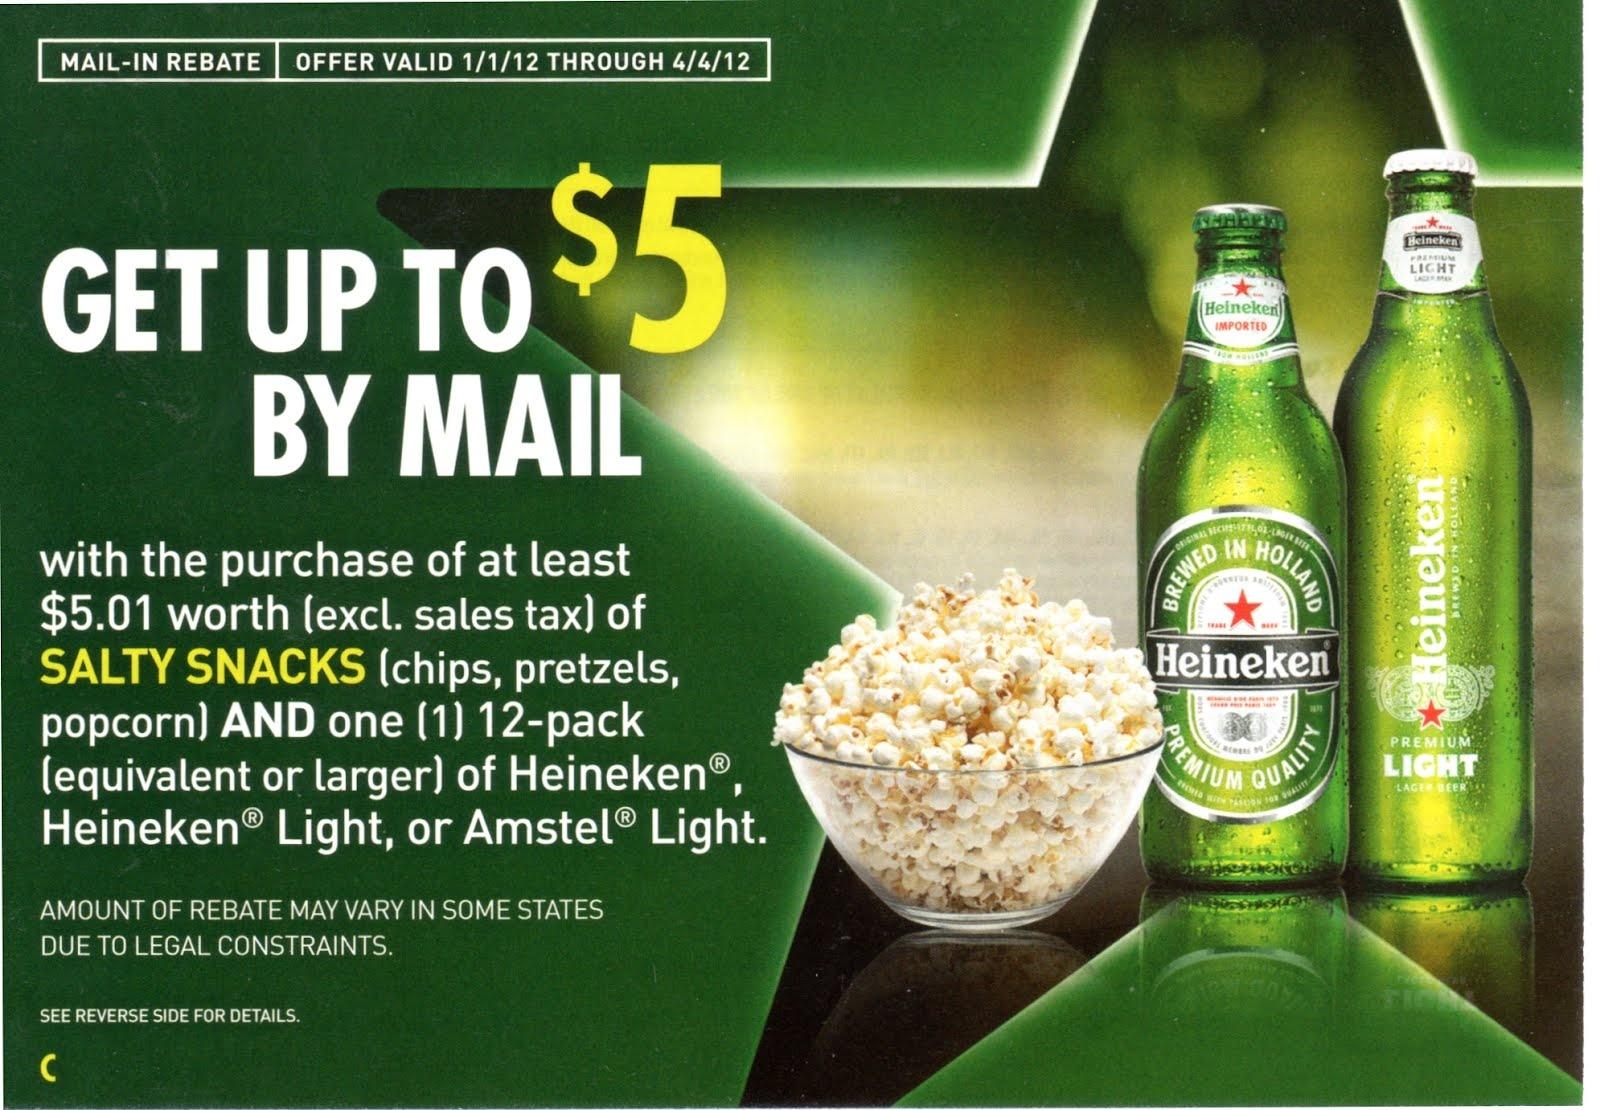 Heineken Beer Coupons Printable : Coupon Walgreens Photo Online - Free Printable Beer Coupons